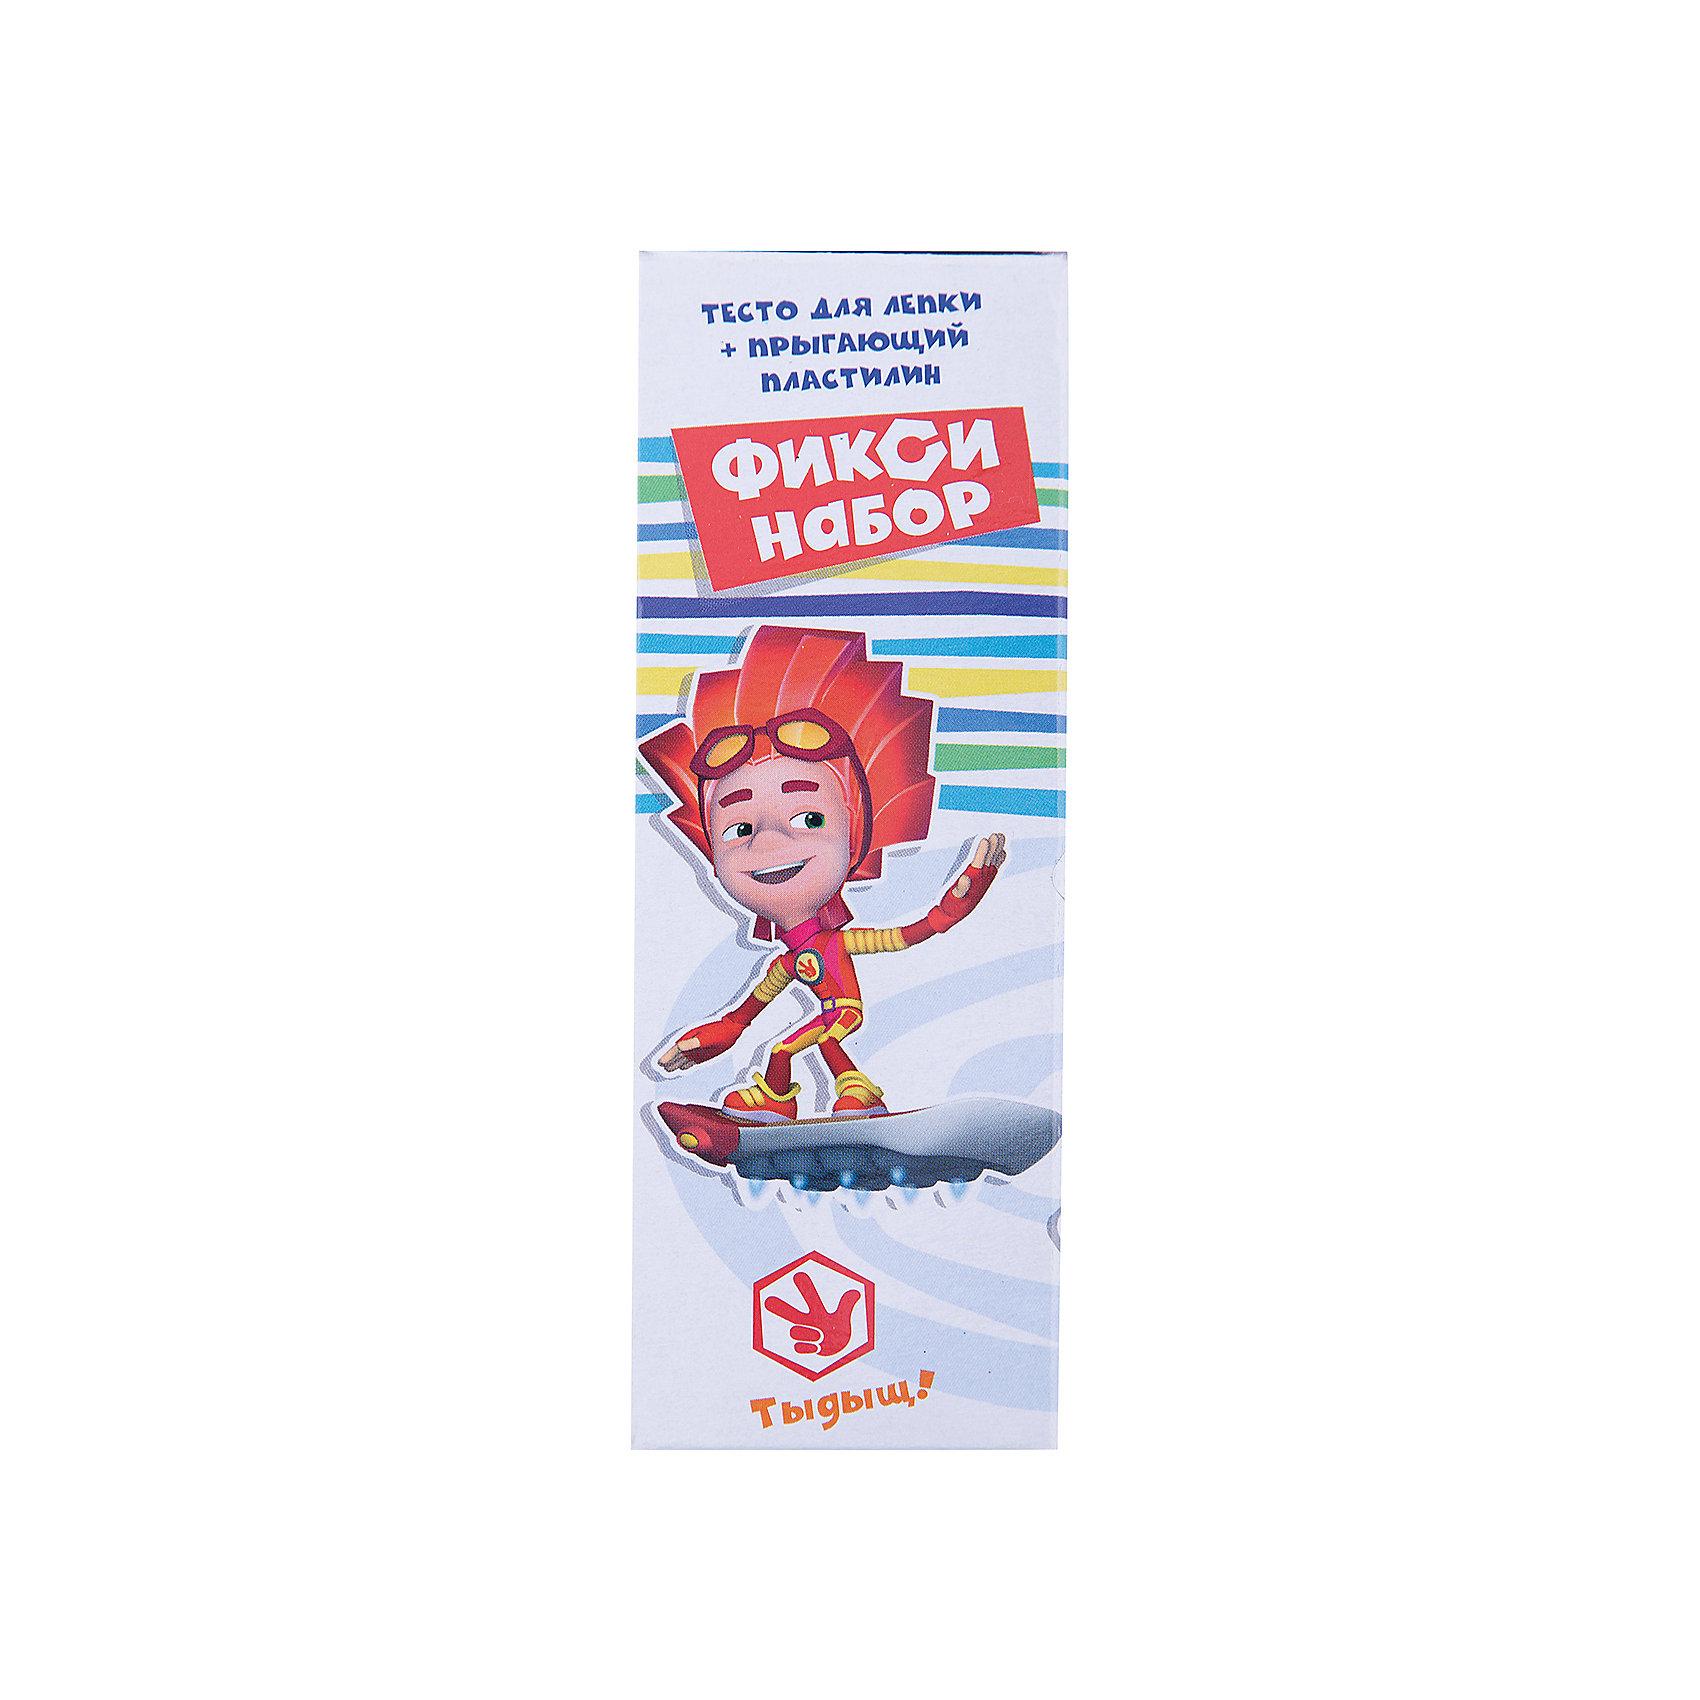 Тесто для лепки ФиксикиПопулярные игрушки<br>Тесто для лепки Фиксики<br> <br>Характеристики:<br><br>• В наборе: 4 баночек по 45 гр., 1 баночка прыгающего пластилина 21 гр. <br>• Размер упаковки: 18 * 5 * 6 см.<br>• Вес: 205 г.<br>• Для детей в возрасте: от 3-х лет<br>• Страна производитель: Китай<br><br>Тесто изготовлено на основе кукурузного крахмала, легко разминается и обладает яркими цветами. В набор входят нужные для лепки четыре цвета (красный, жёлтый, зелёный, синий), которые можно смешать между собой. Весёлый прыгающий пластилин можно формировать в шарики, которые будут отпрыгивать от любых поверхностей, превращая лепку в активную игру. Занимаясь лепкой дети развивают моторику рук, творческие способности, восприятие цветов и их сочетаний, а также лепка благотворно влияет на развитие речи, координацию движений, память и логическое мышление. <br><br>Тесто для лепки Фиксики можно купить в нашем интернет-магазине.<br><br>Ширина мм: 51<br>Глубина мм: 64<br>Высота мм: 182<br>Вес г: 205<br>Возраст от месяцев: 36<br>Возраст до месяцев: 2147483647<br>Пол: Унисекс<br>Возраст: Детский<br>SKU: 5478230